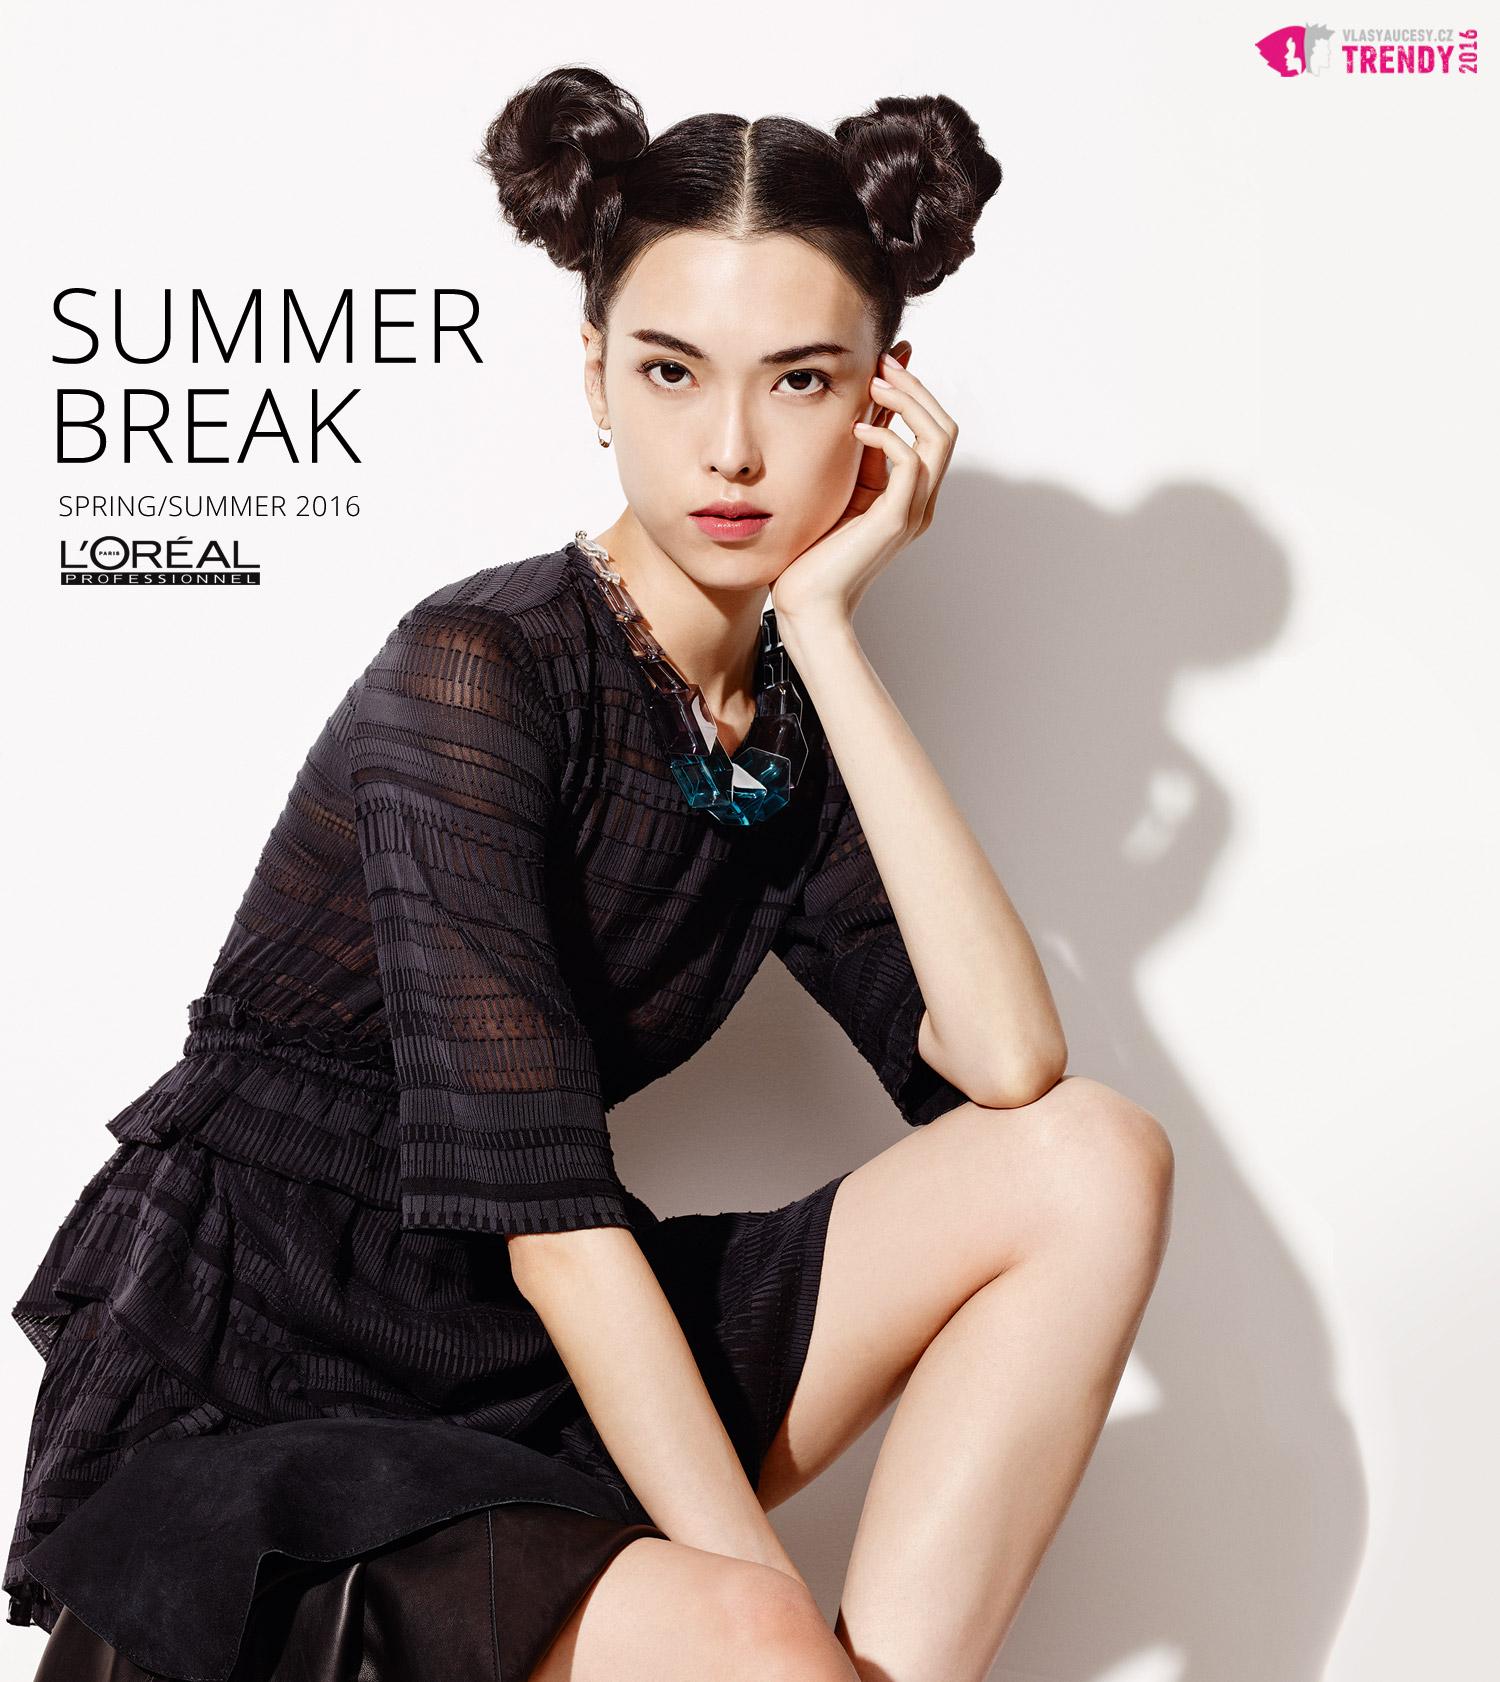 Pletky s vlásky, aneb pletená inspirace v kolekci účesů Summer Break SS 2016 od L'Oréal Professionnel. (Účes Double Bun.)